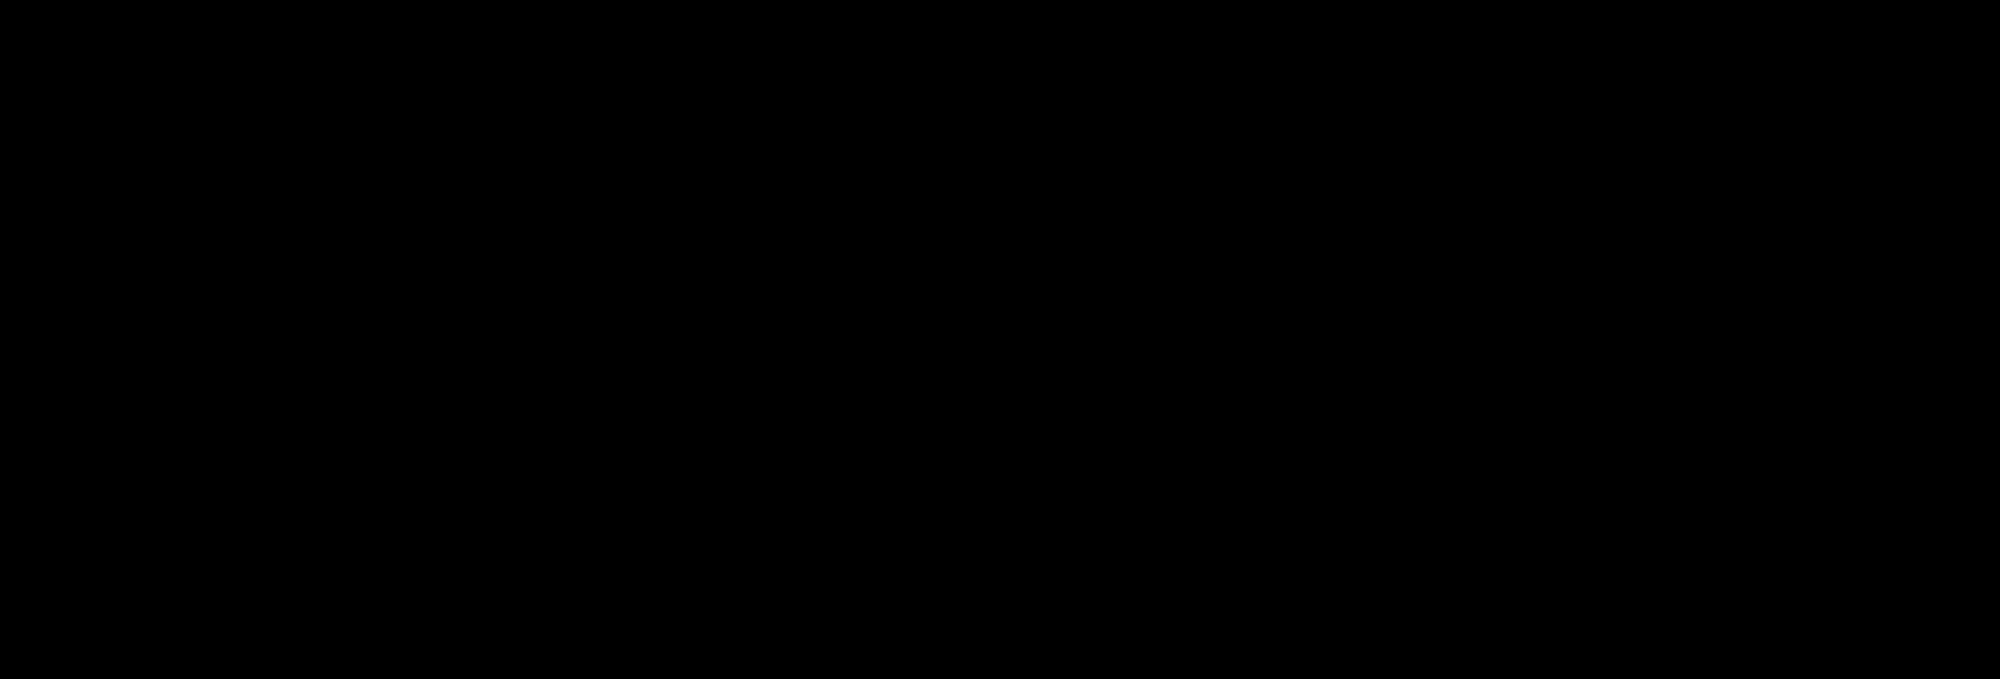 Image result for FMOD logo